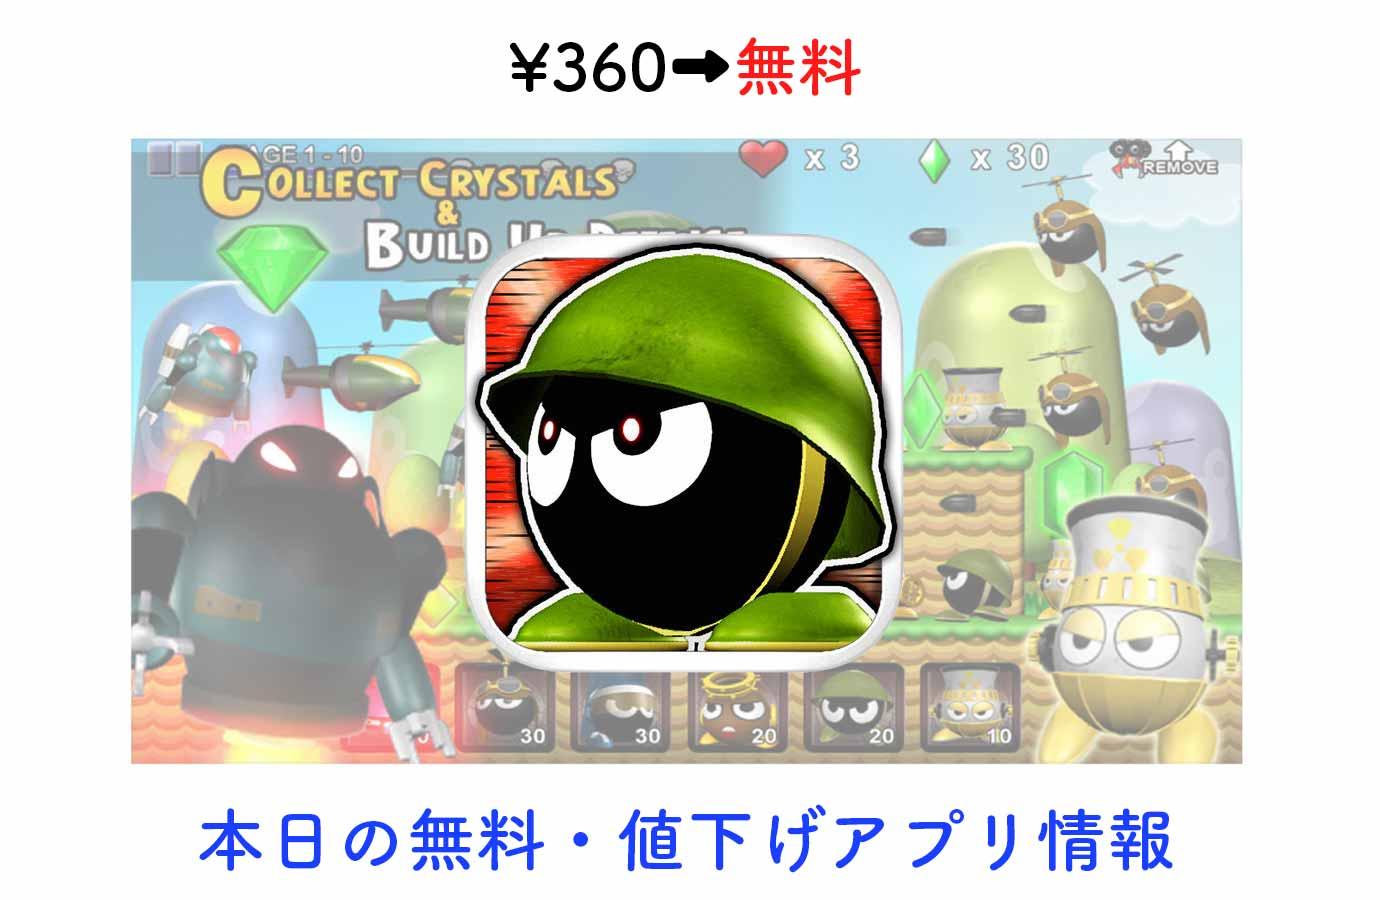 ¥360→無料、横視点のタワーディフェンス「Tiny Defense」など【7/31】本日の無料・値下げアプリ情報